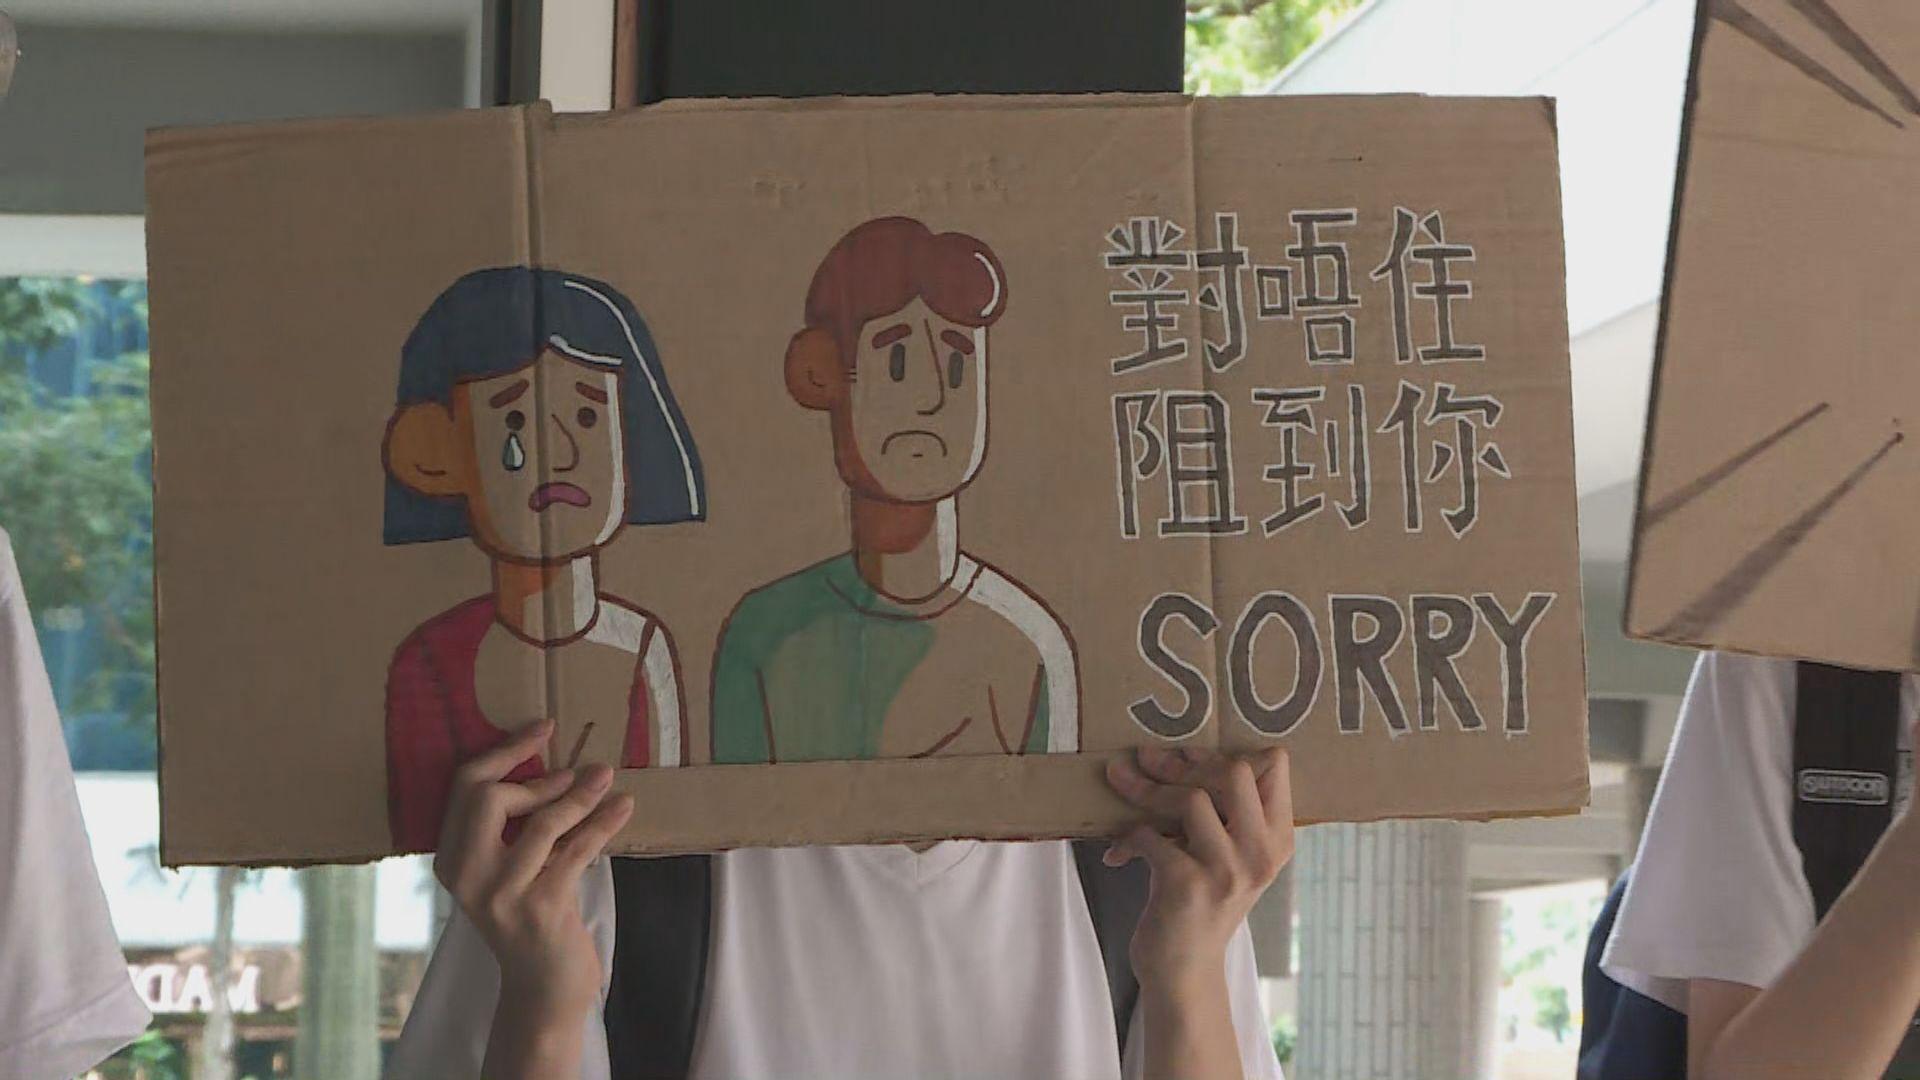 示威者稅務大樓派傳單致歉 有市民撕爛單張